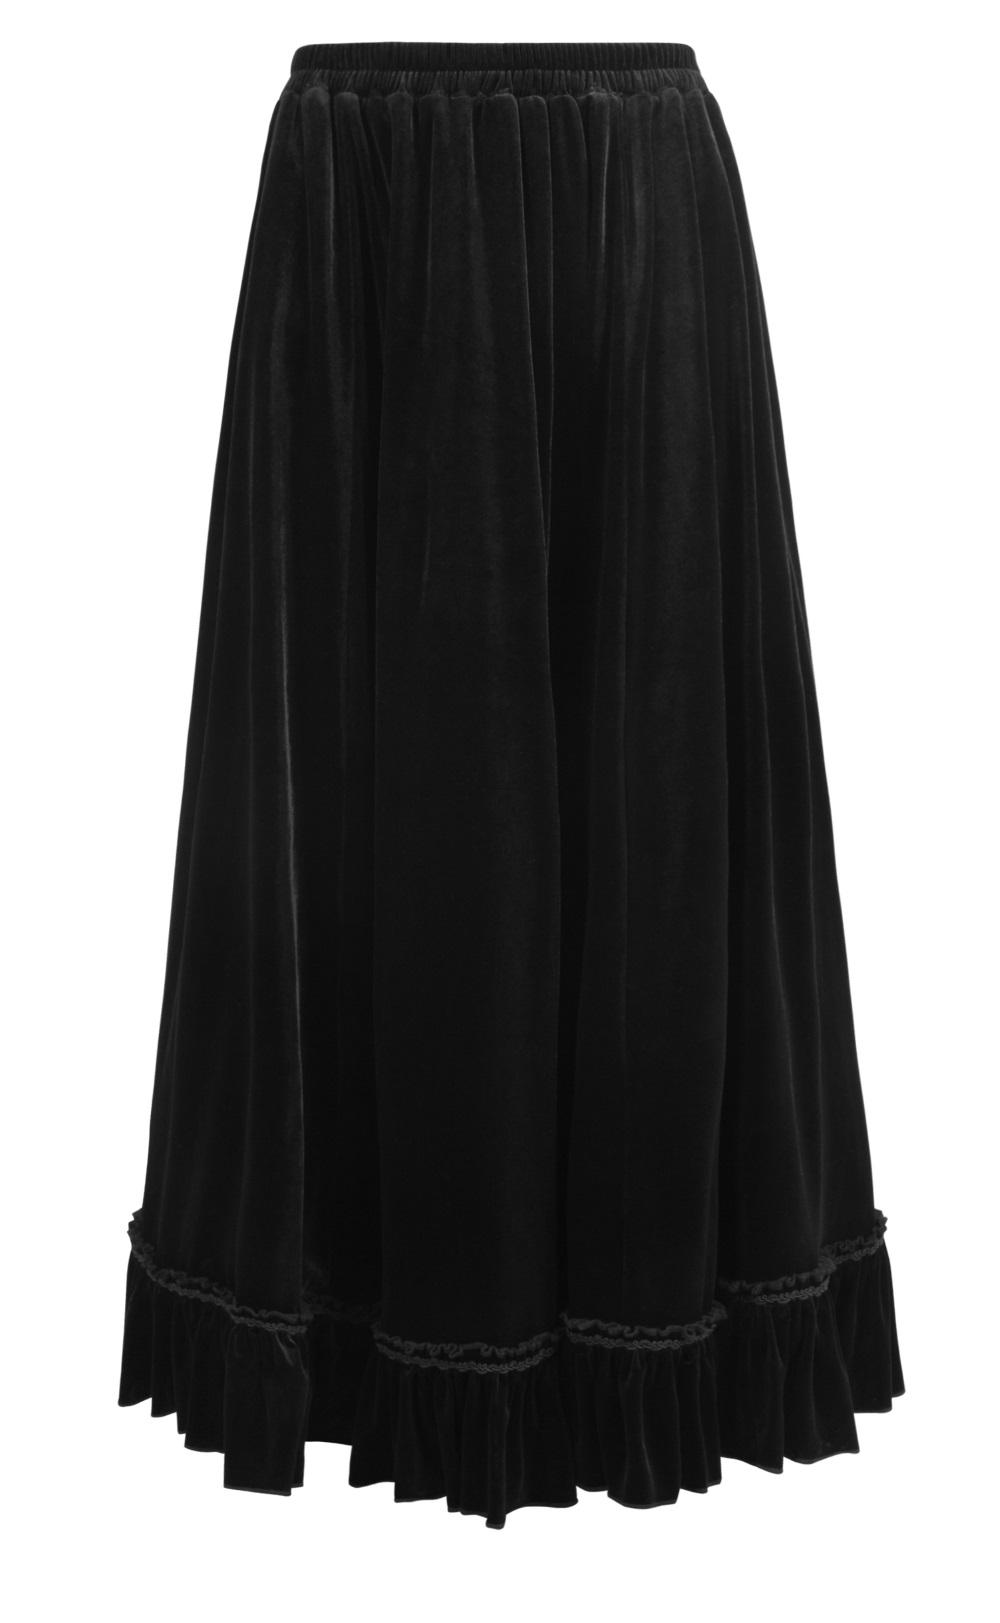 le dernier 31a89 9e5c7 Longue jupe gothique en velours noir